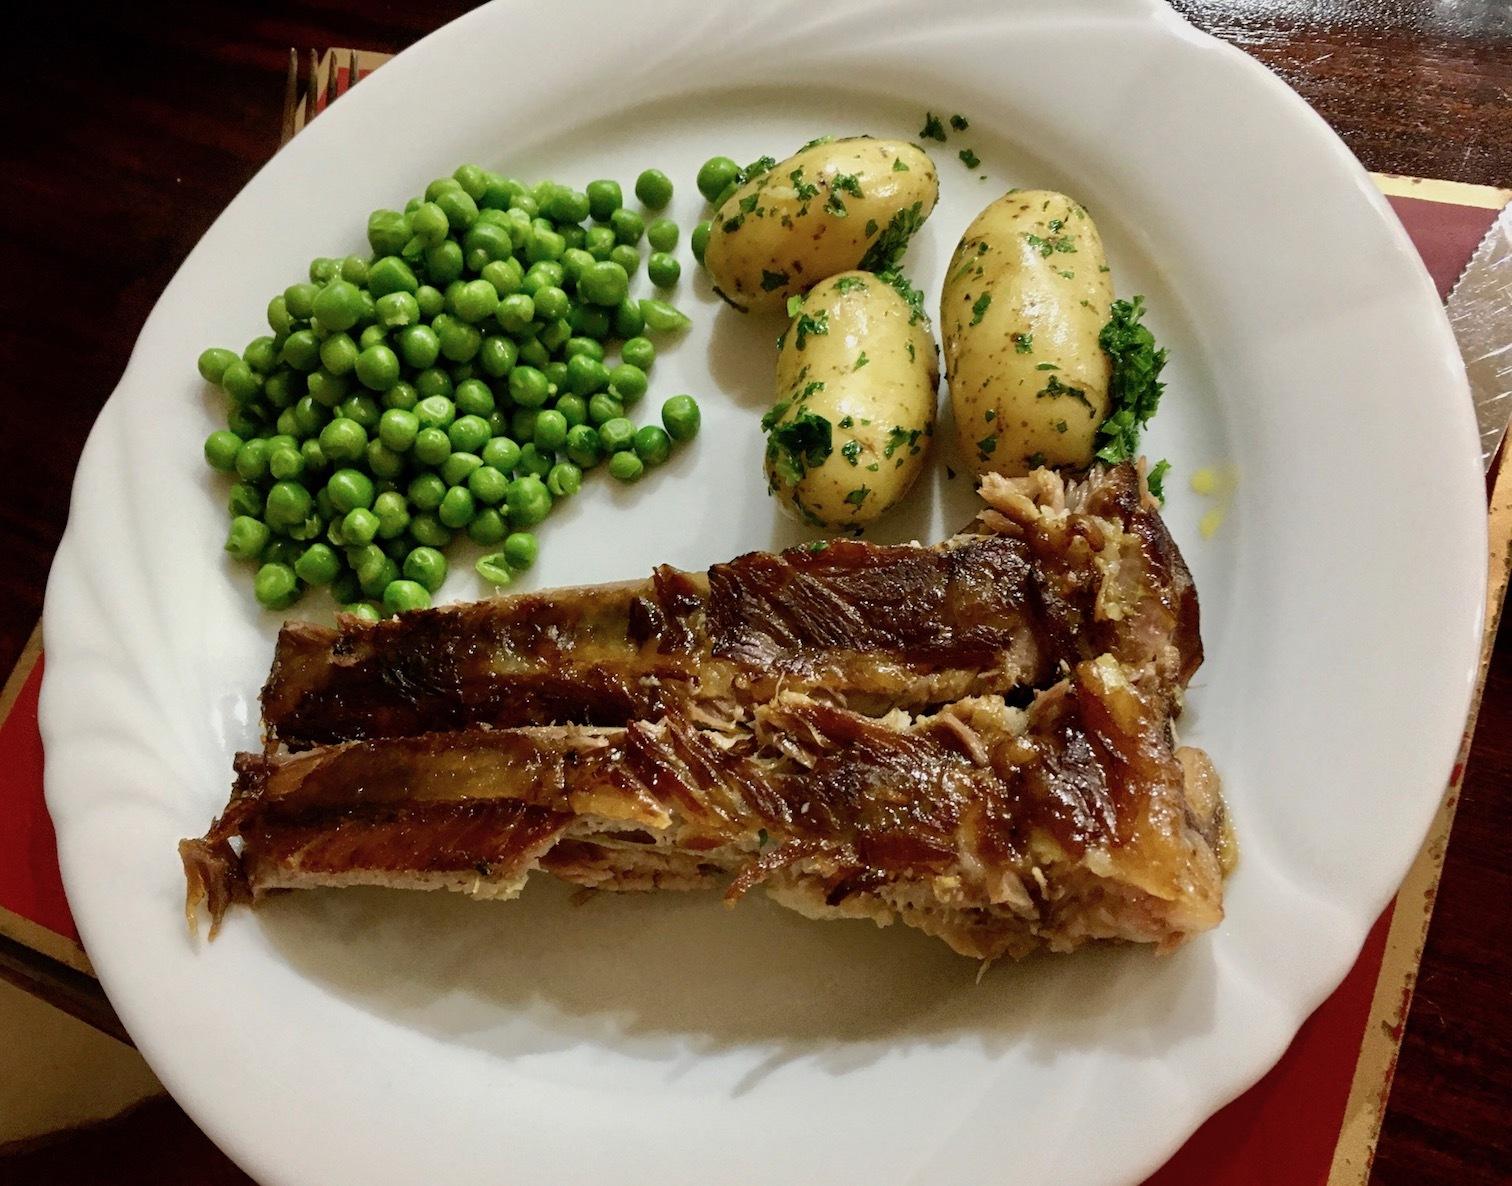 お肉の週、歩いては食べる/  We Were Meat Eaters Last Week_e0310424_18194462.jpg